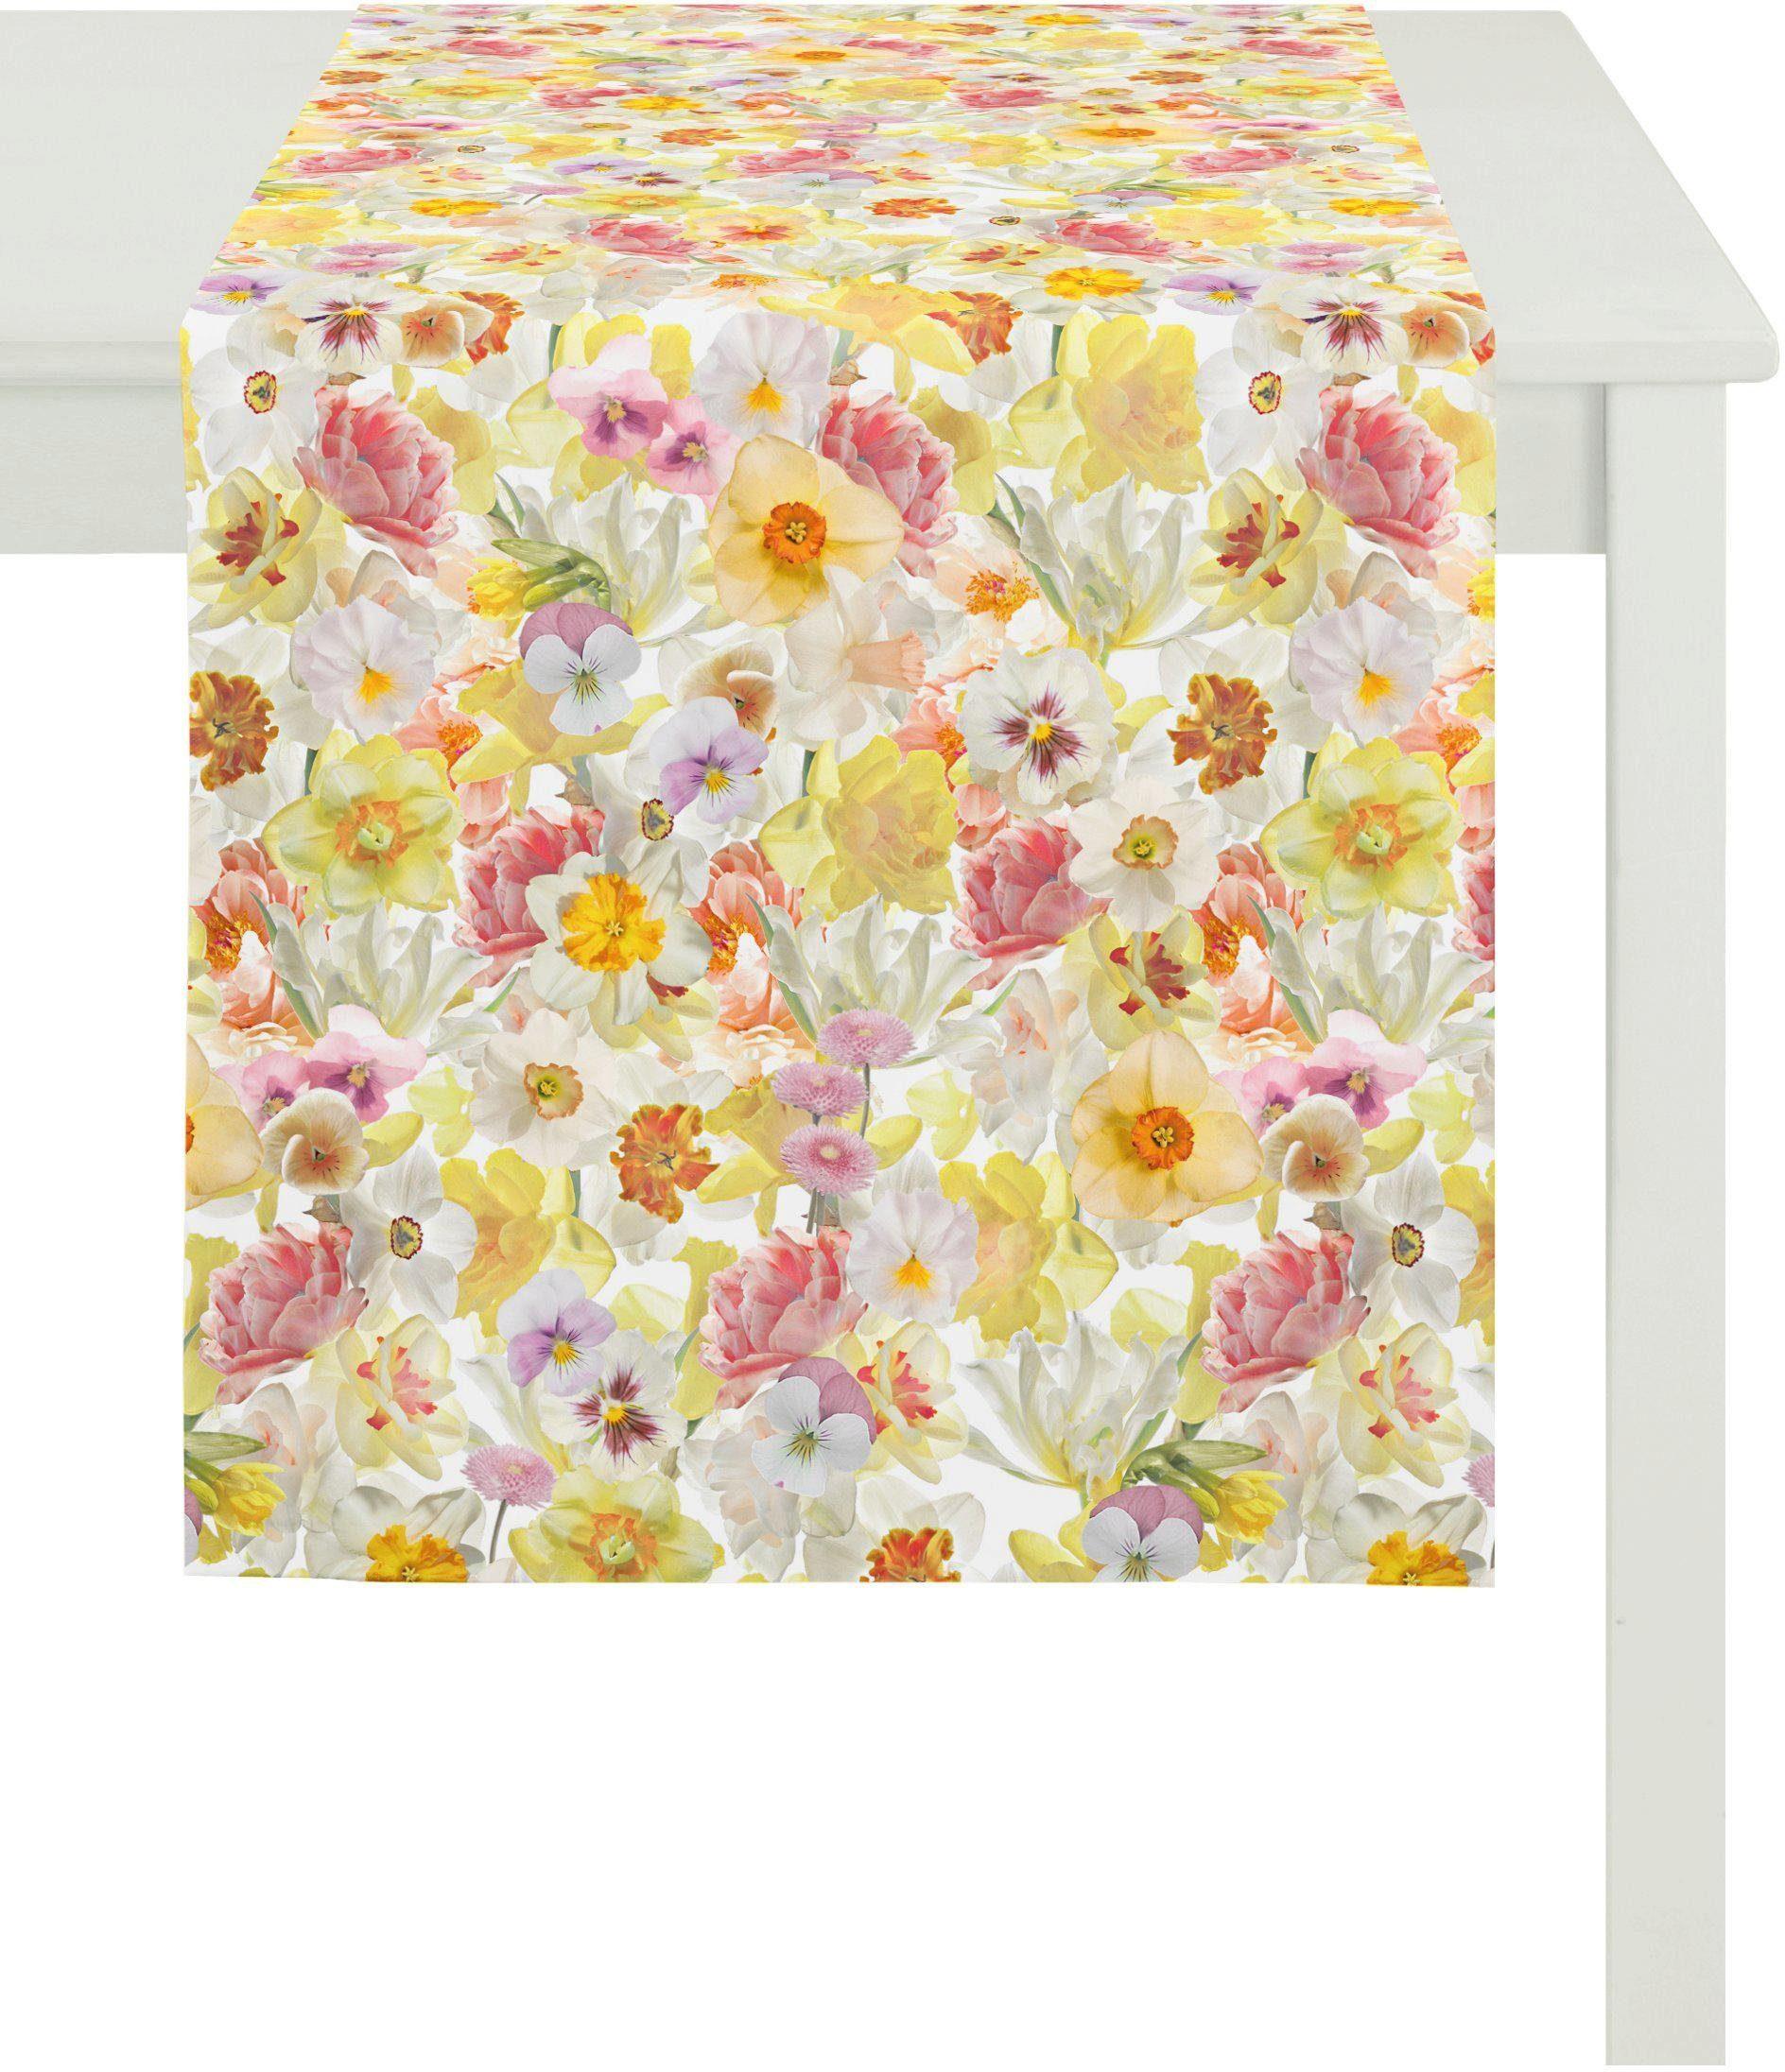 Apelt Tischläufer, 48x140 cm, »5307 SPRINGTIME«